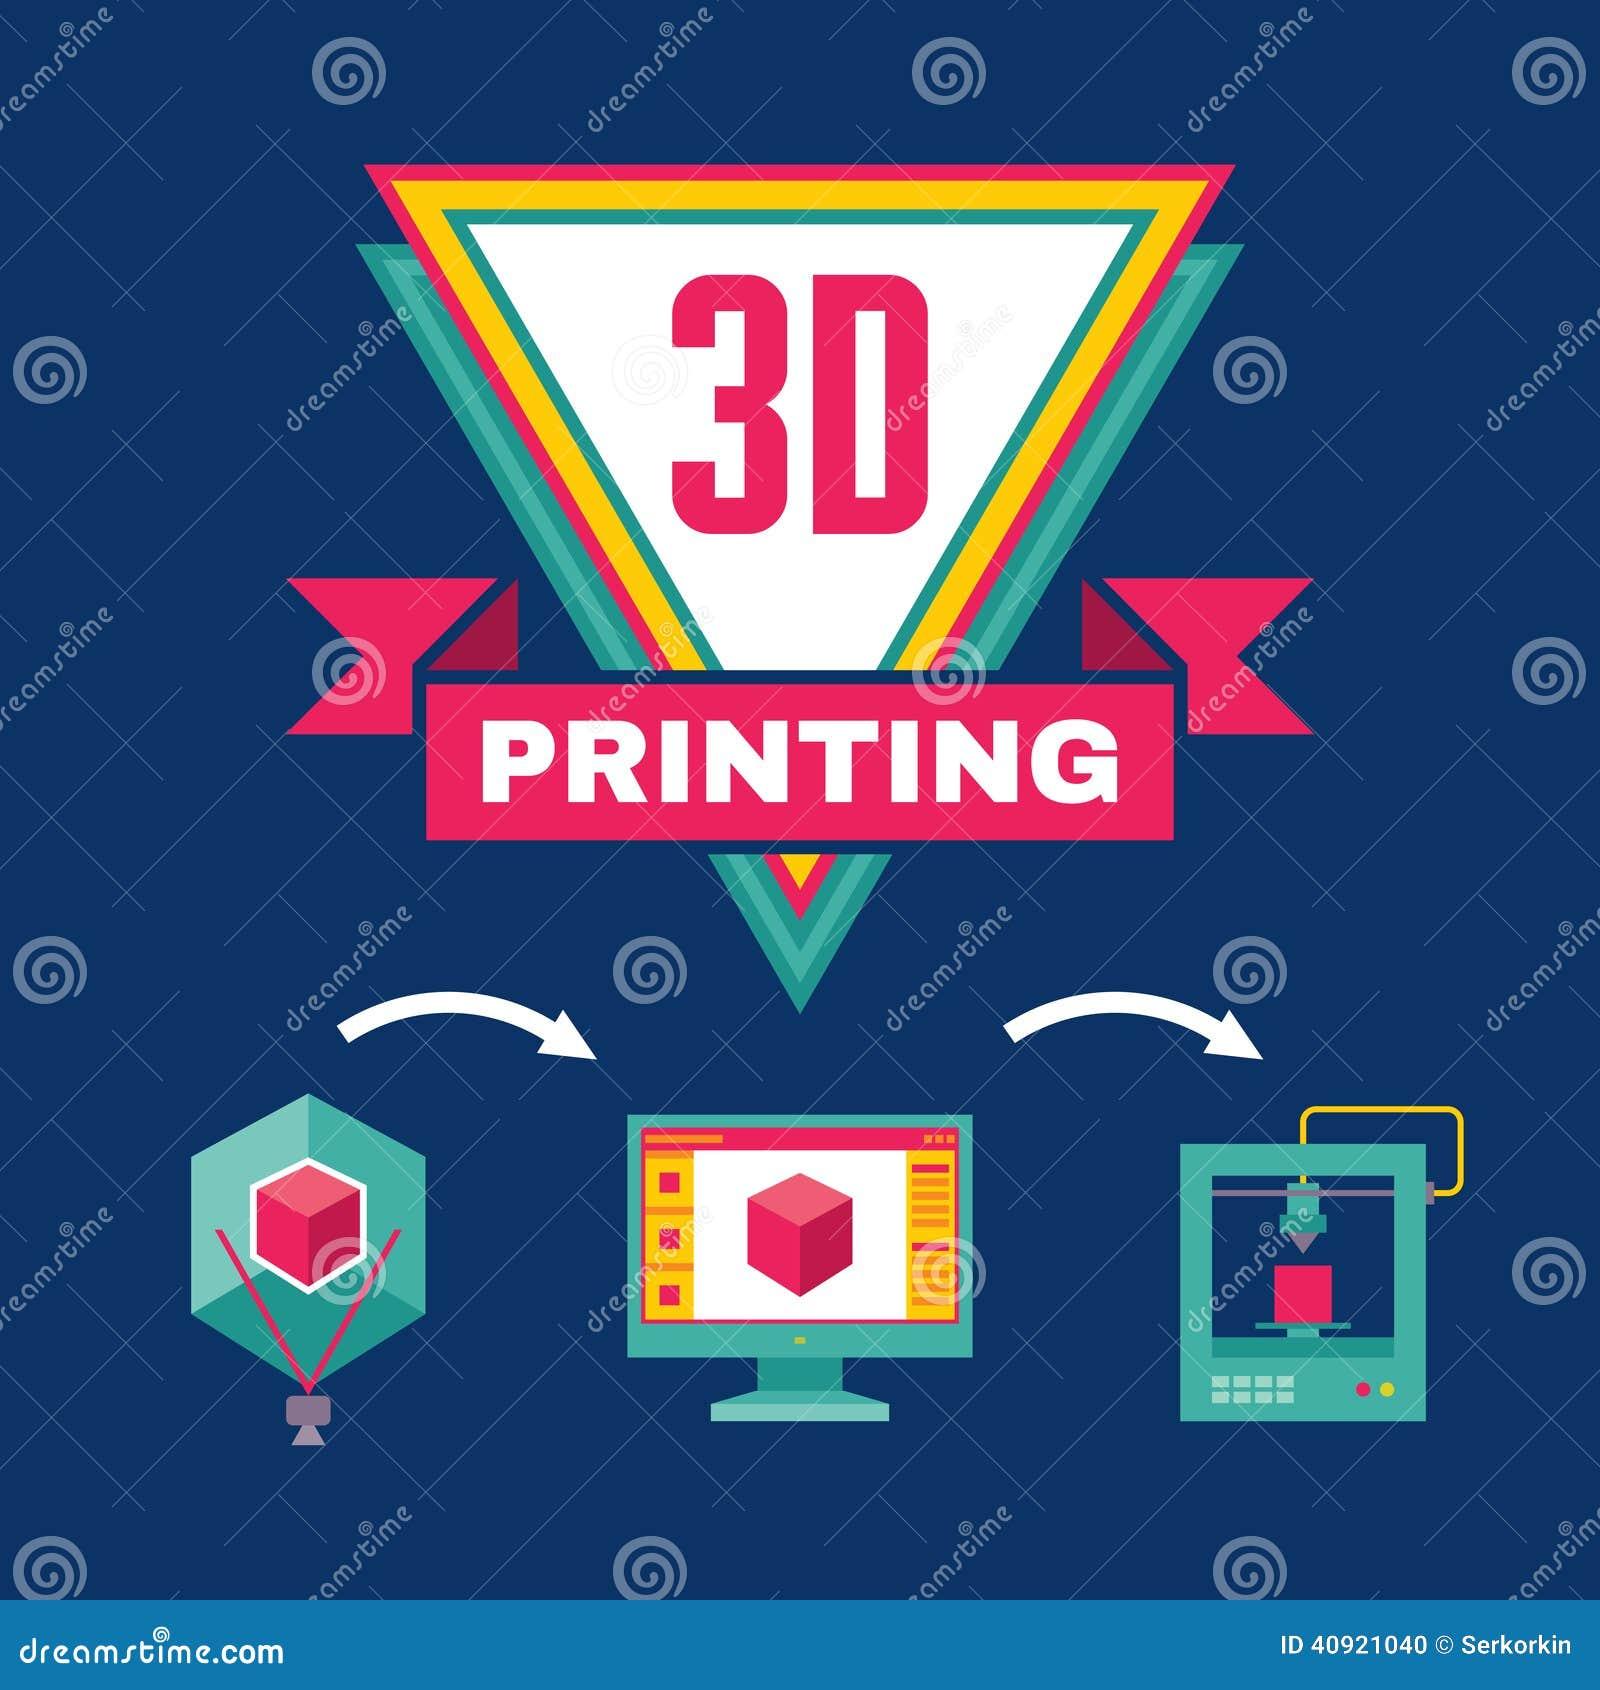 Kết quả hình ảnh cho 3d printing